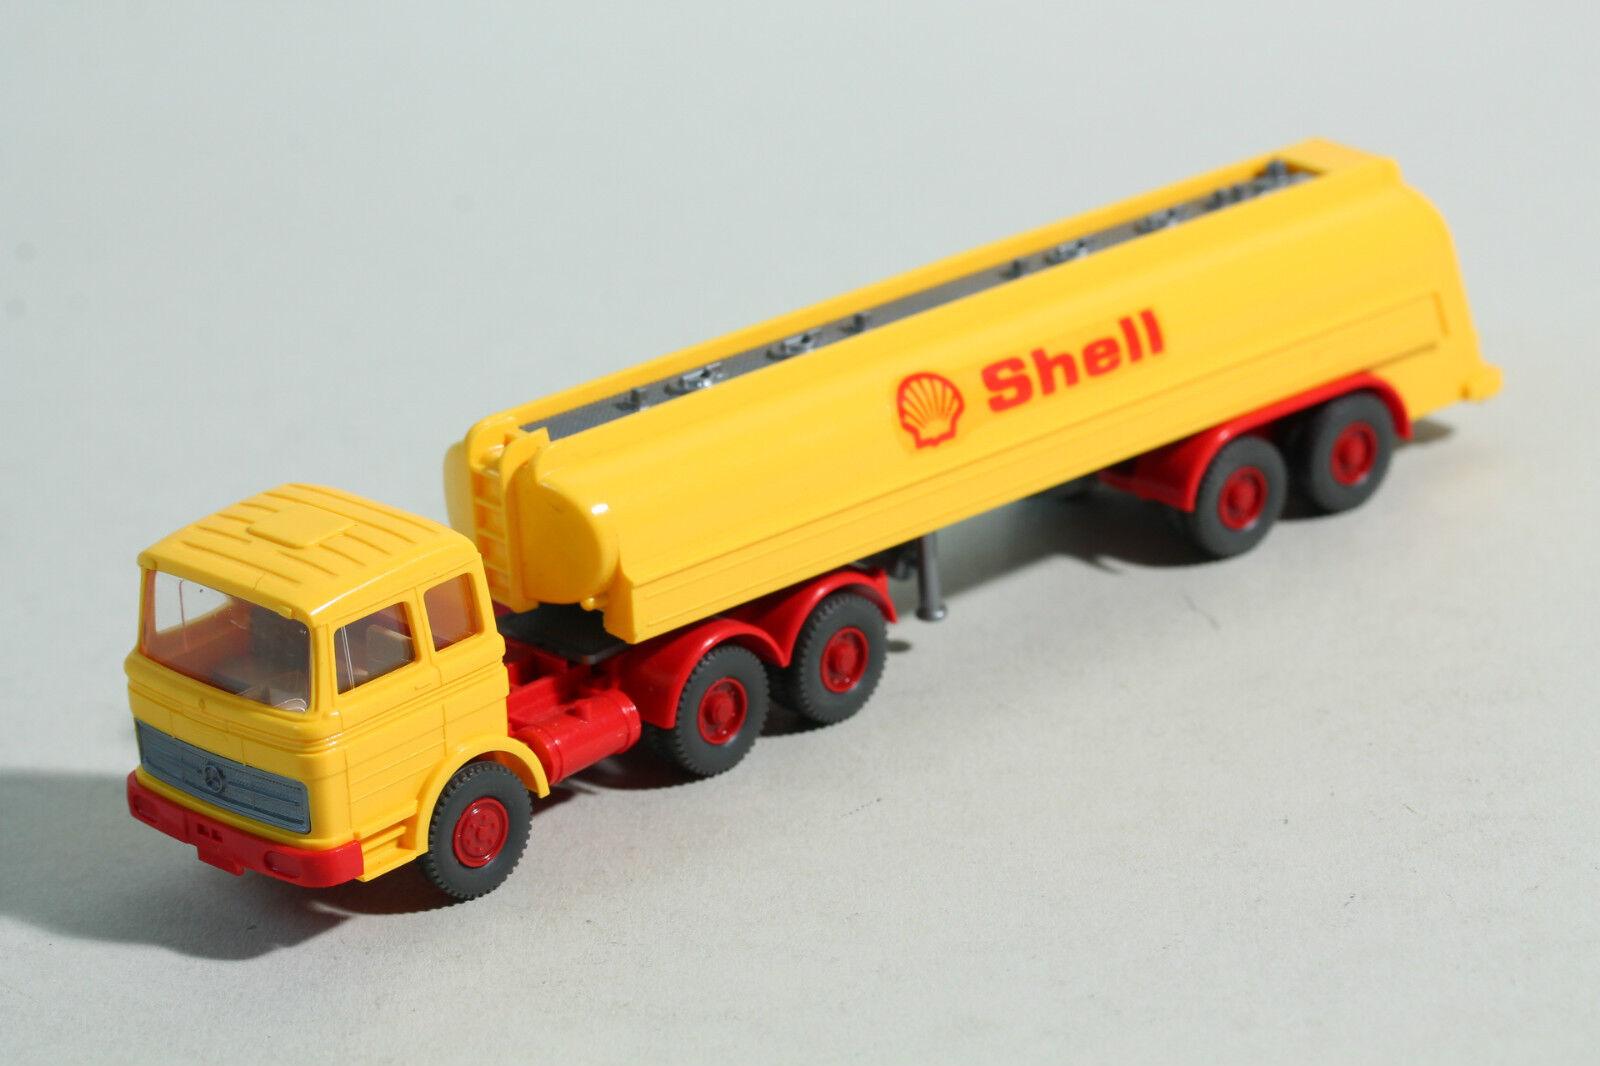 967  Type 3 Wiking Shell Tank Semi-Trailer MB 2223 1972 - 1973 rouge & jaune  vente discount en ligne